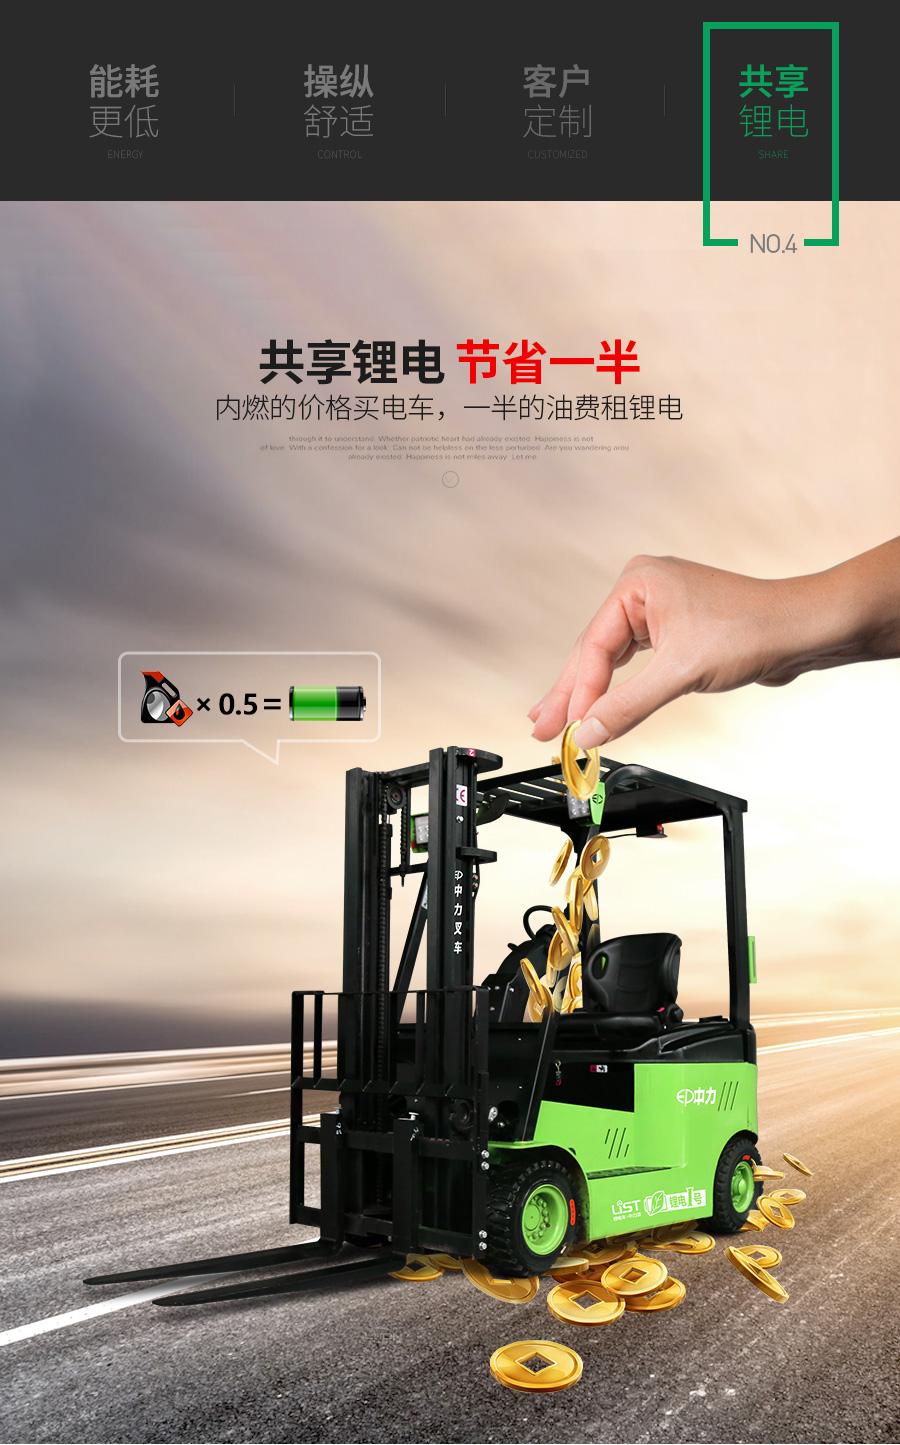 中力 1.5/2.0吨电动平衡重叉车/锂电壹号 CPD15/20L1